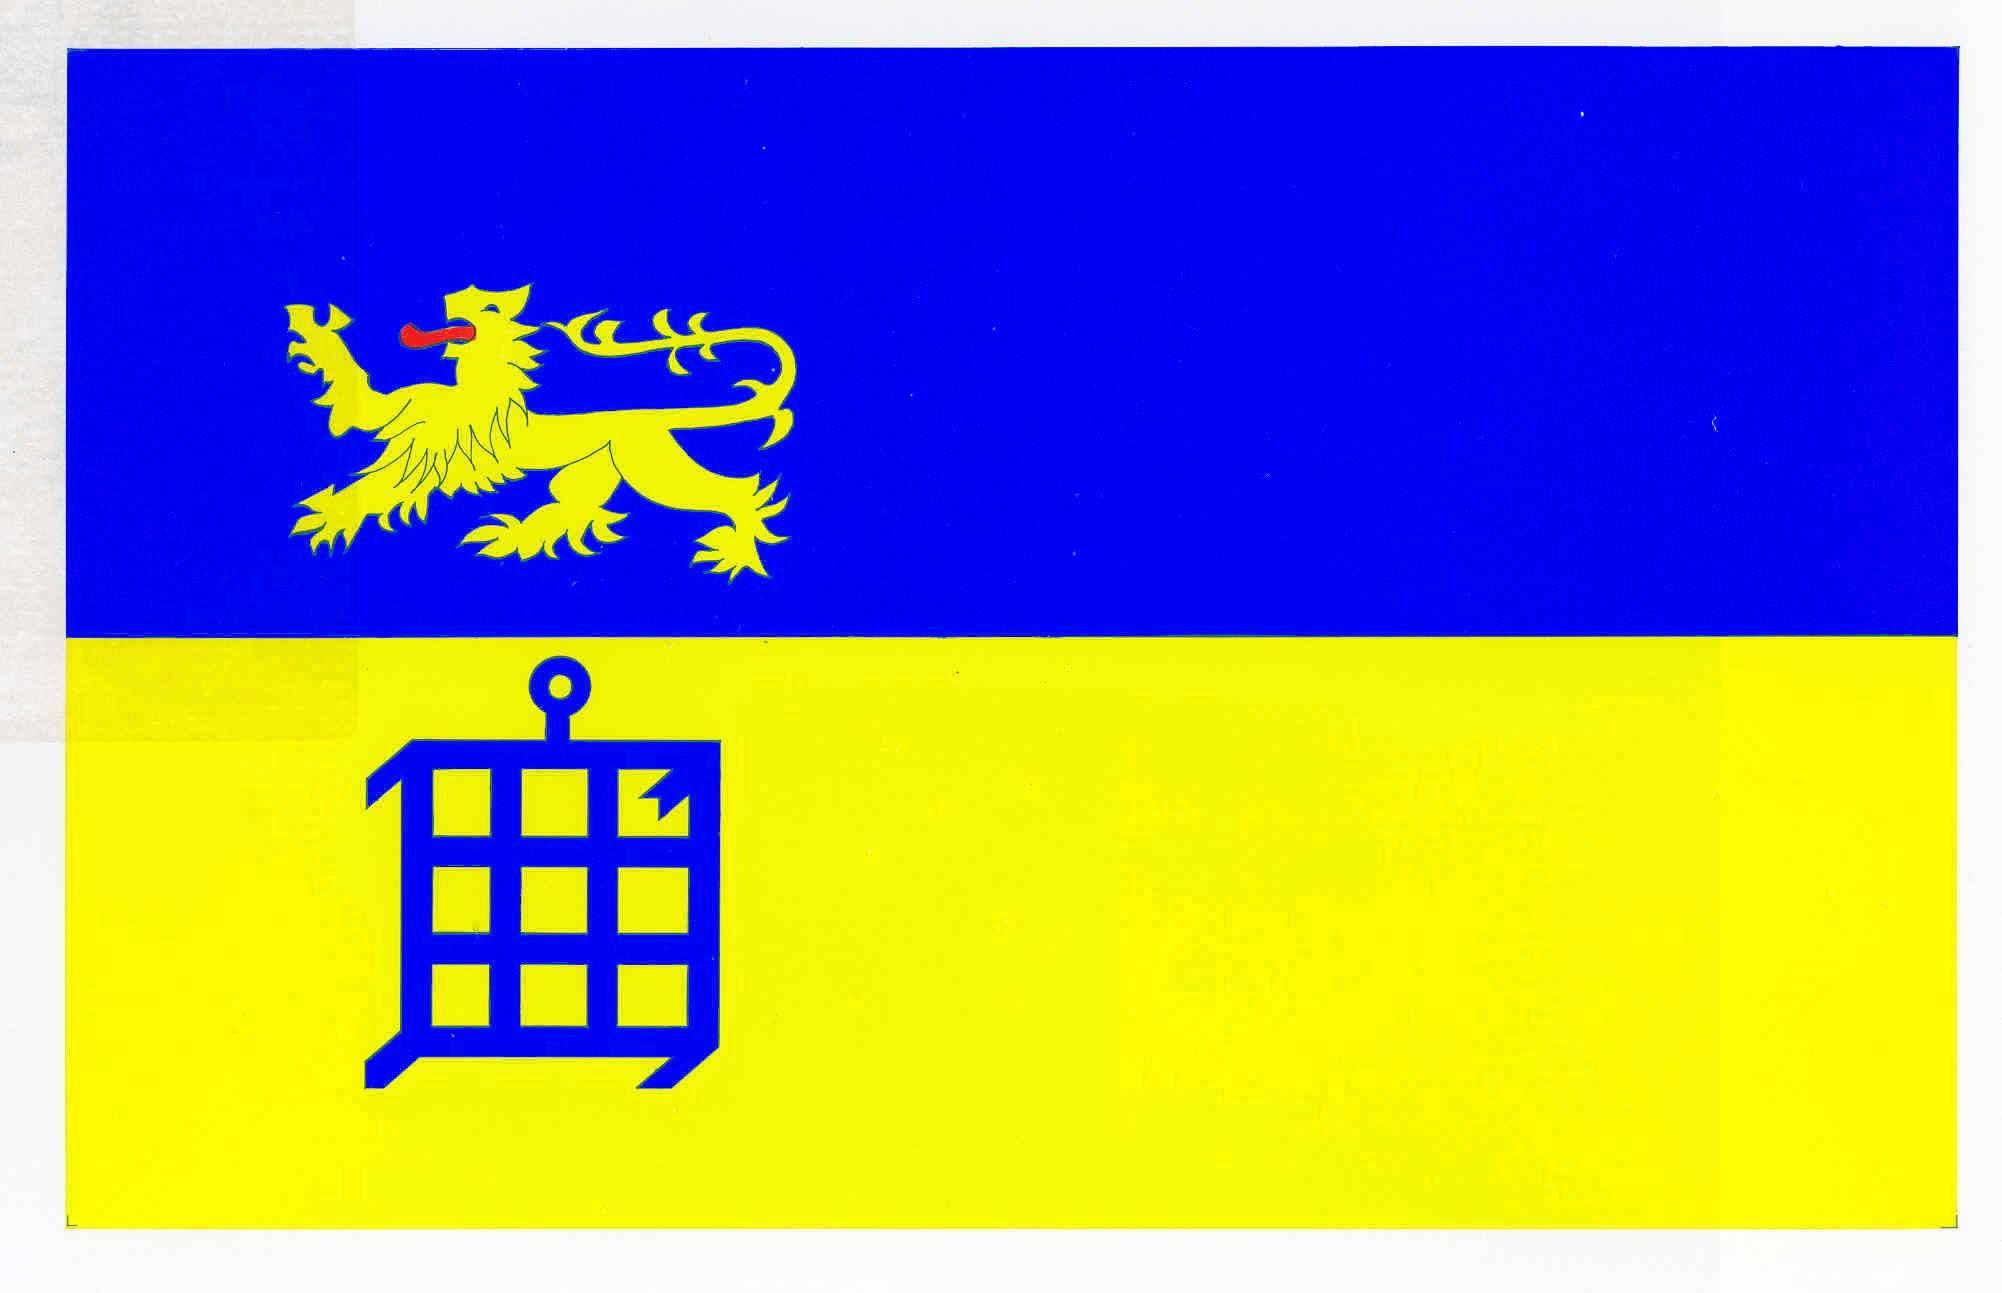 Flagge GemeindeMunkbrarup, Kreis Schleswig-Flensburg